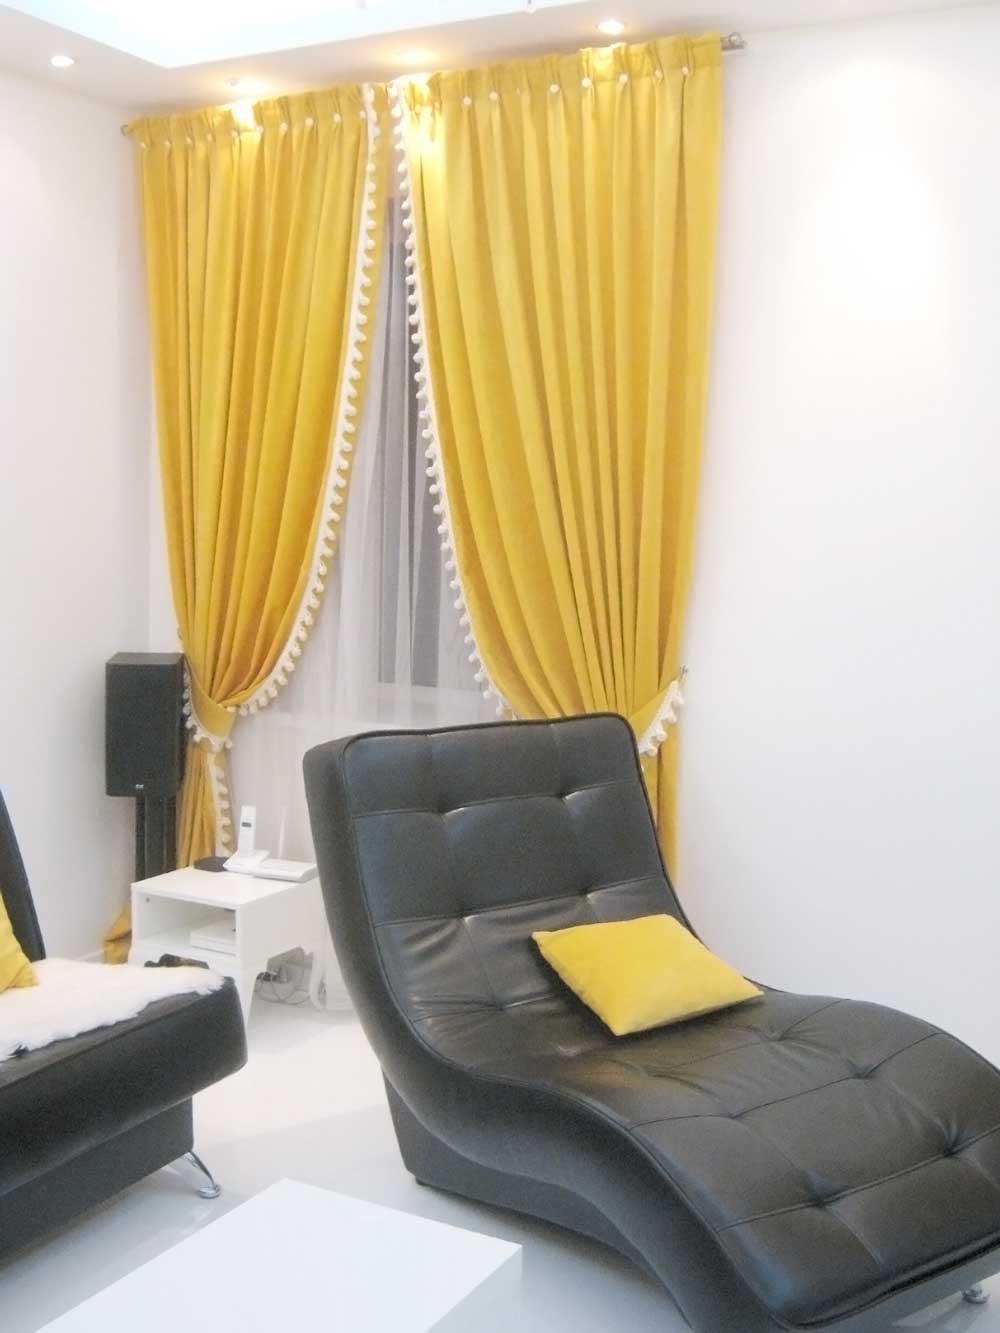 Желтые портьеры в белой комнате